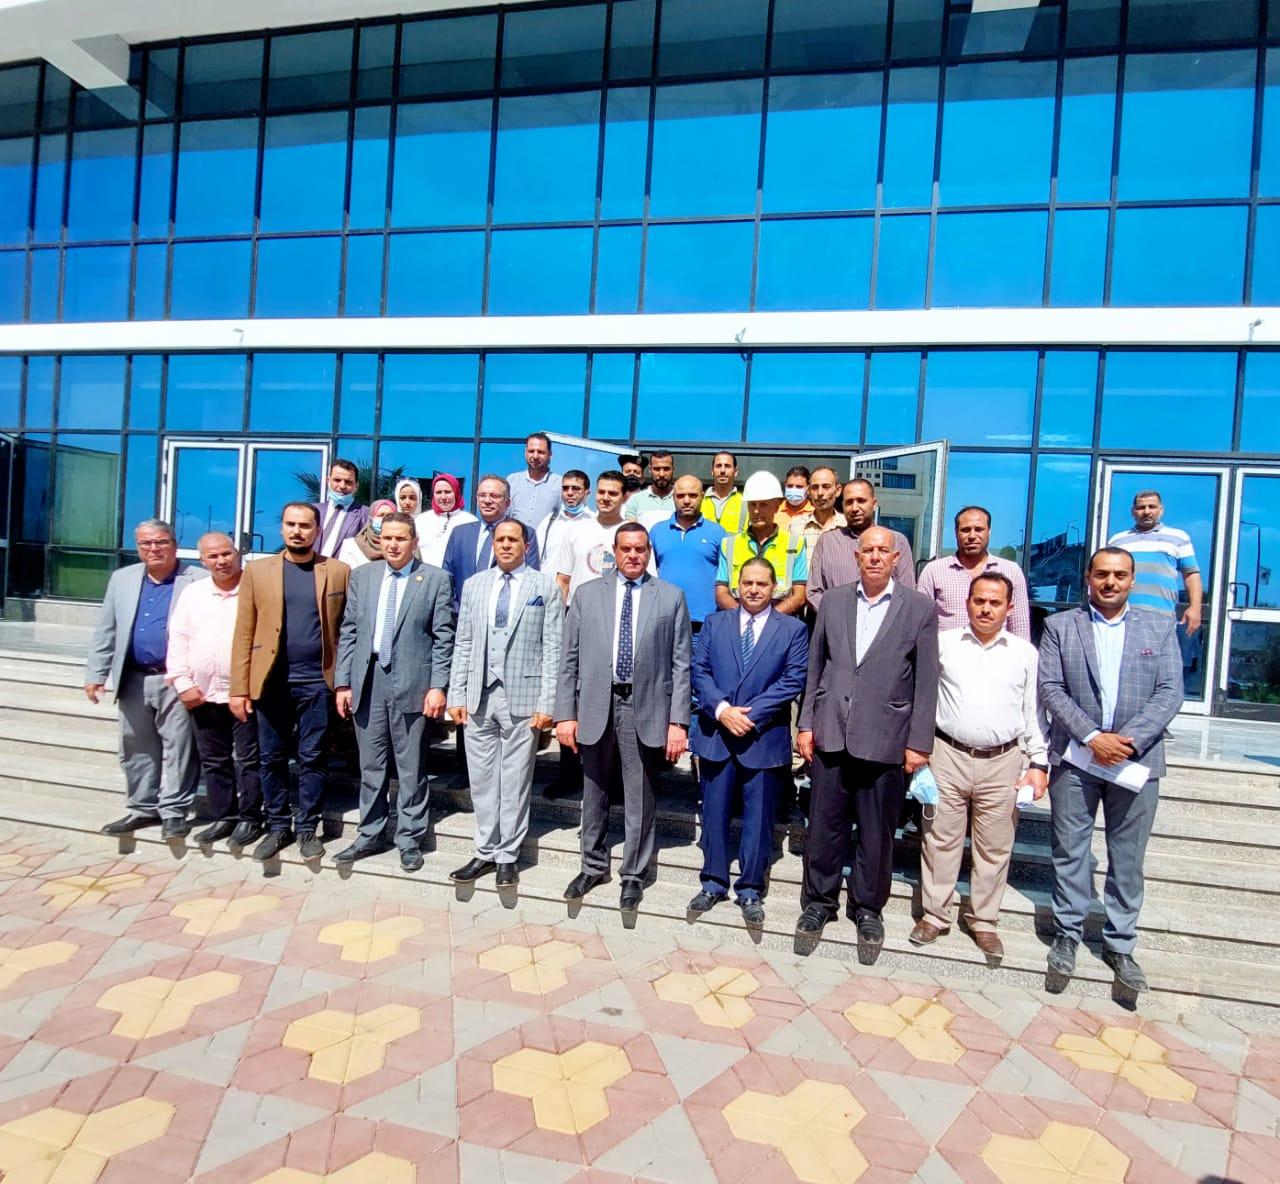 محافظ البحيرة ورئيس جامعة دمنهور خلال جولتهما